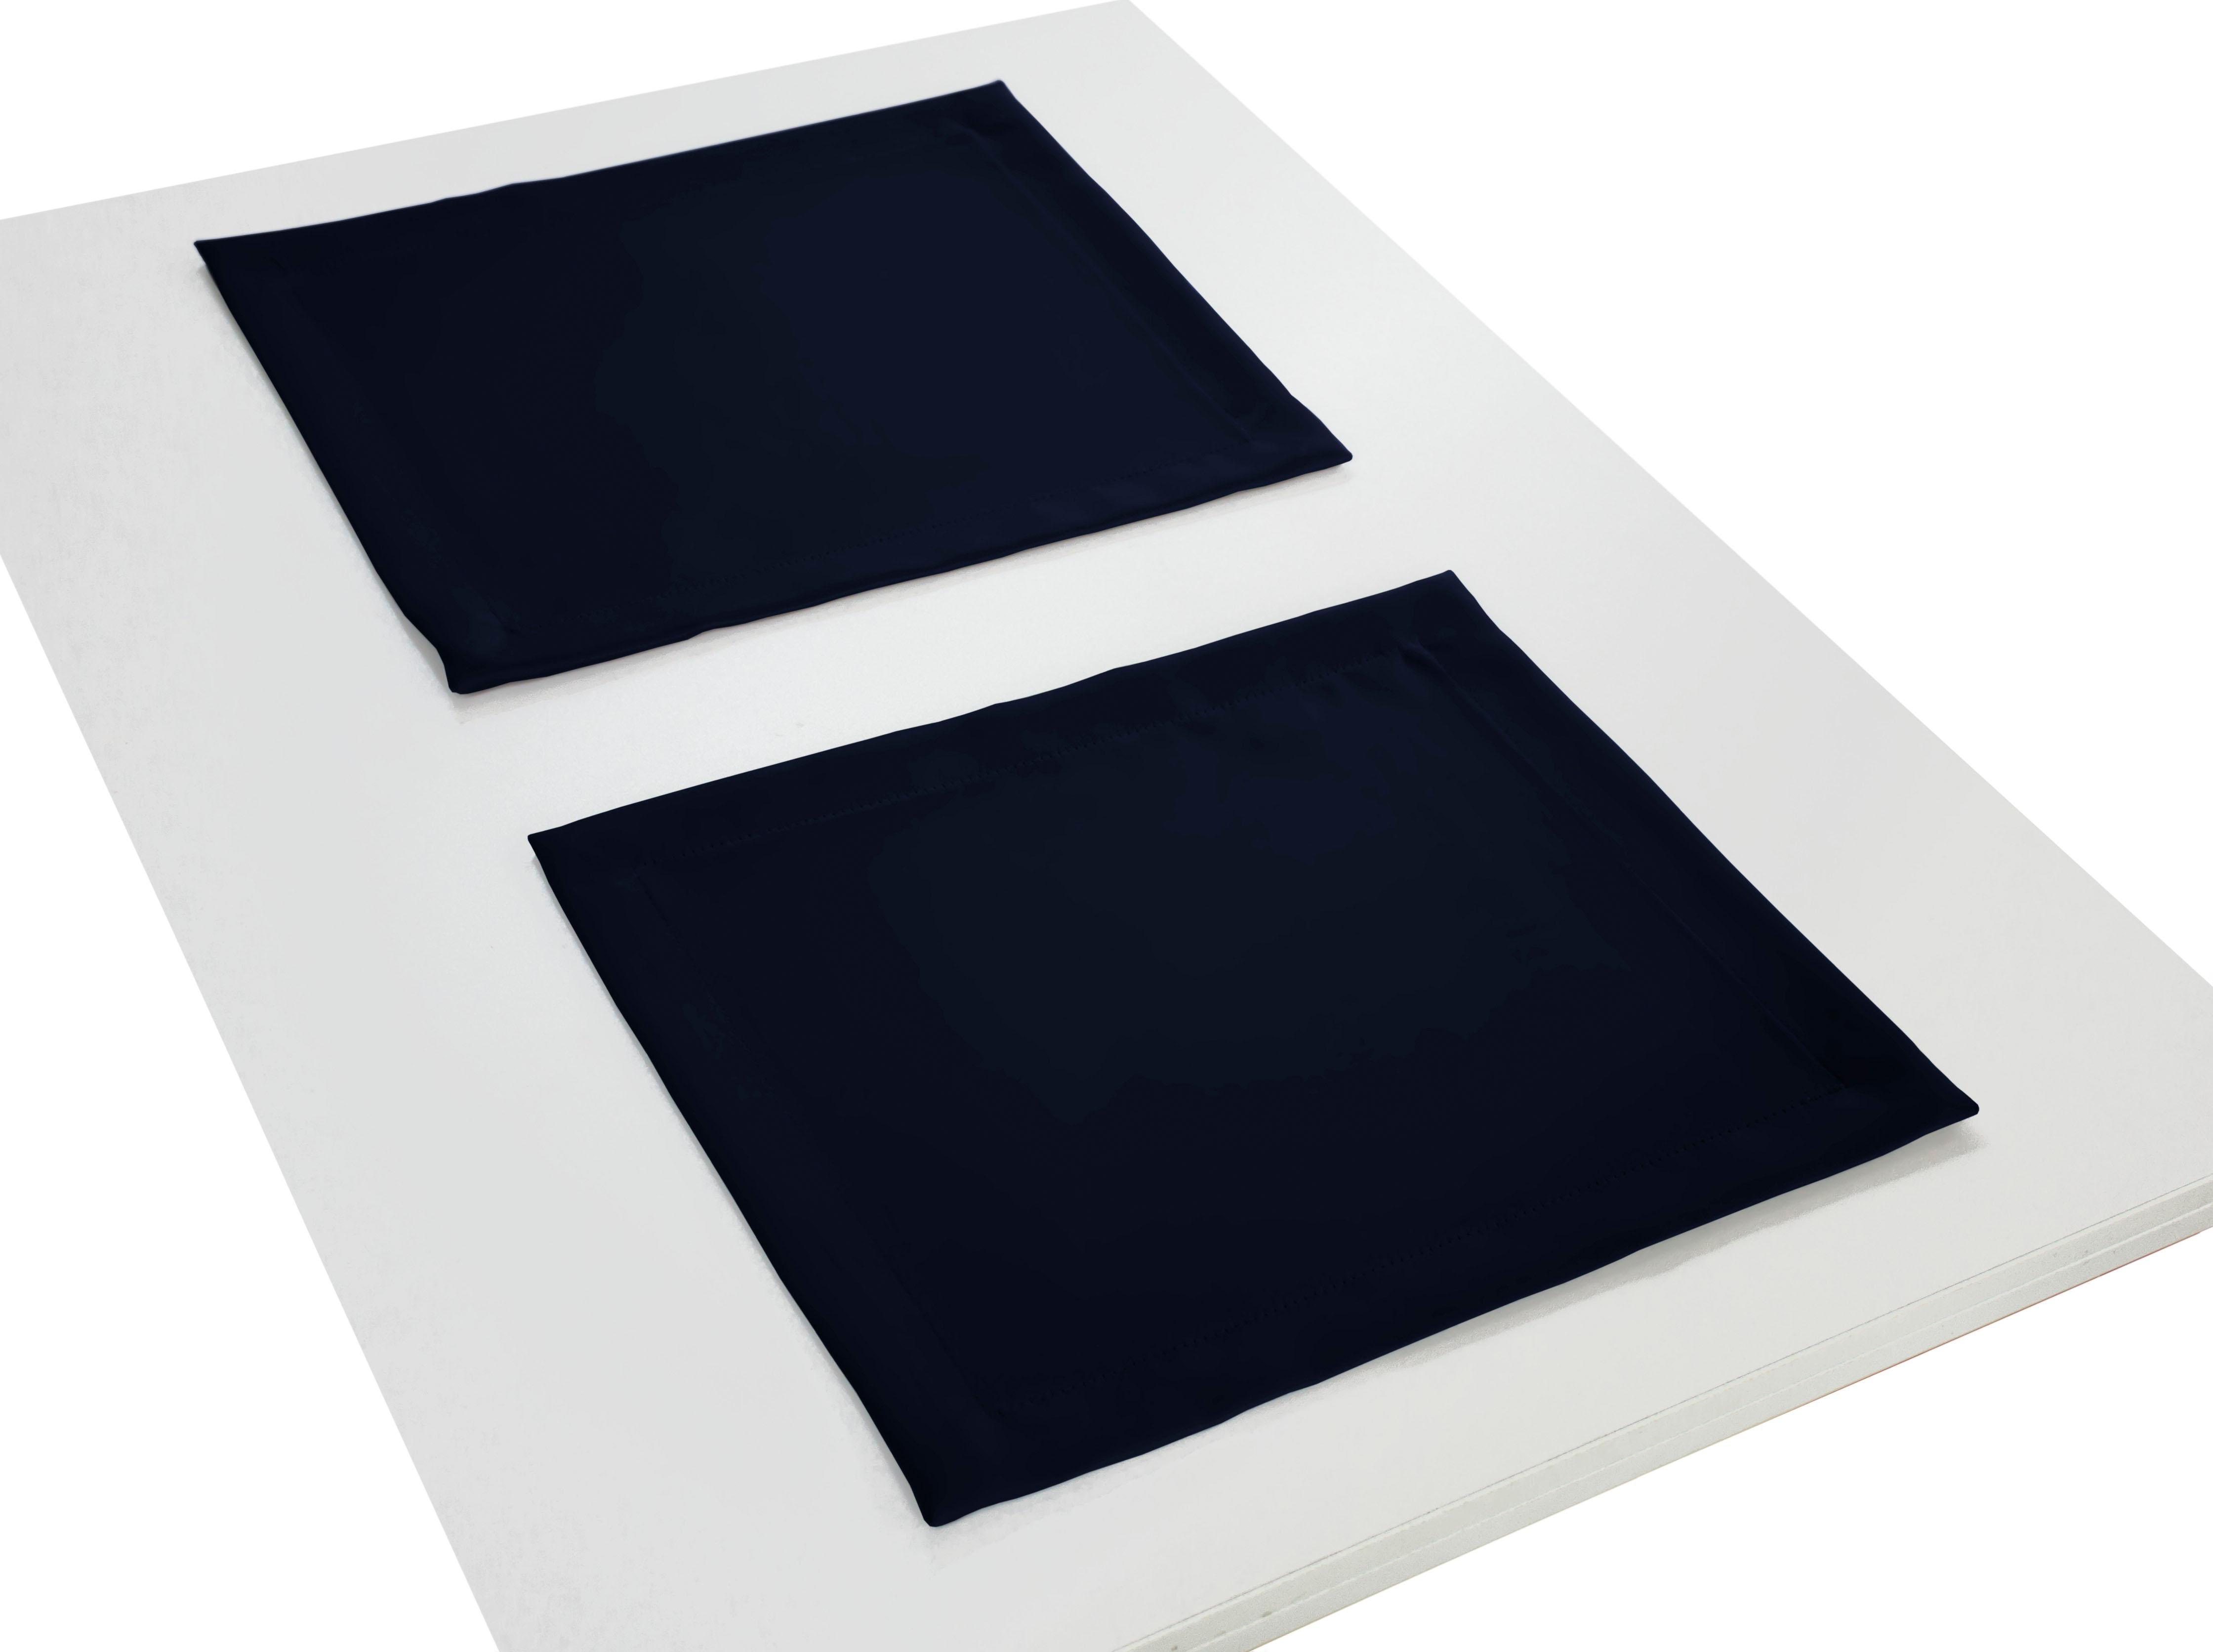 Platzset NEWBURY Wirth (Packung 4-tlg) | Heimtextilien > Tischdecken und Co > Platz-Sets | Blau | Wirth